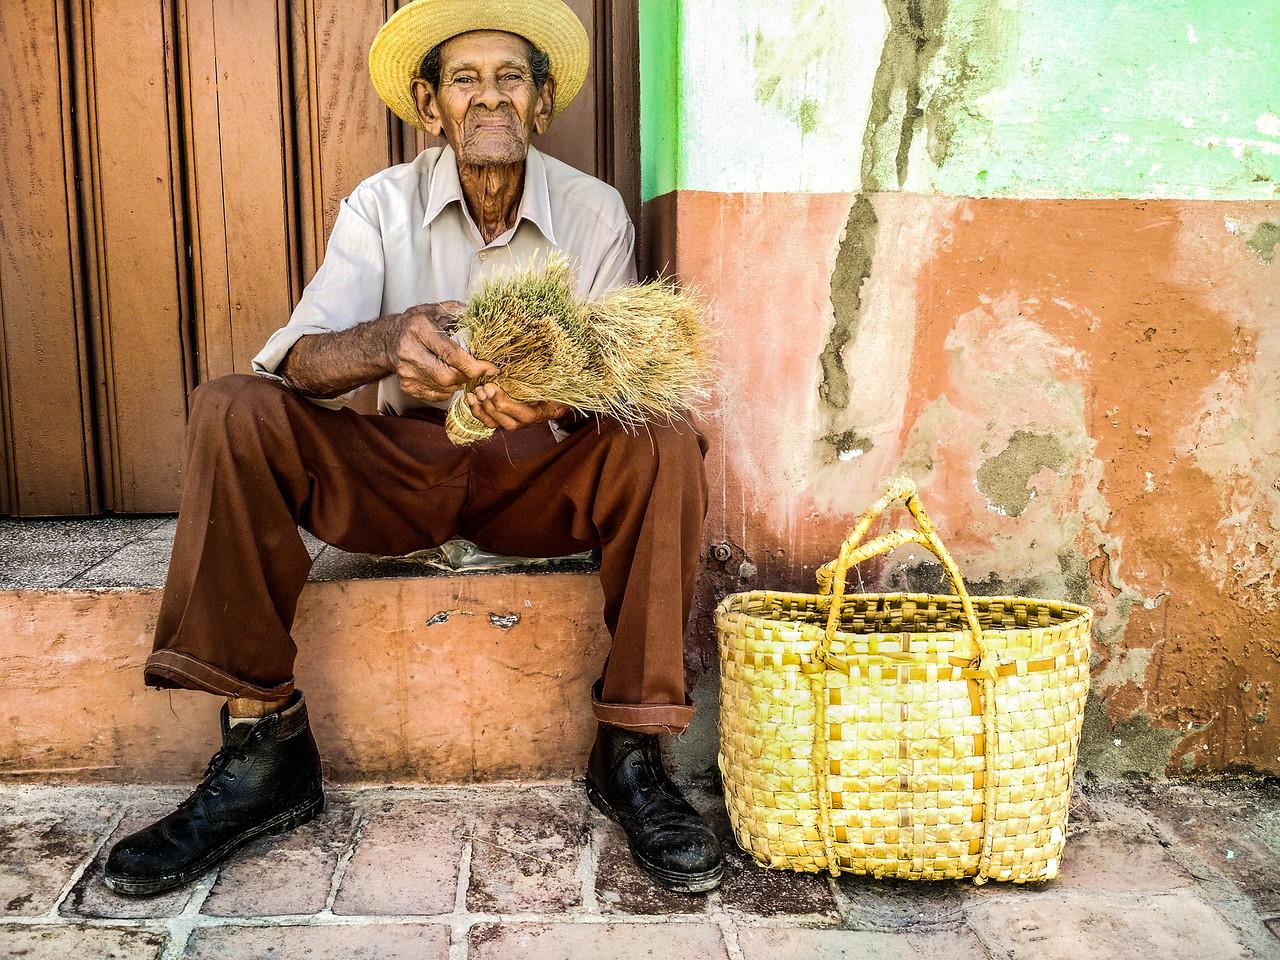 Man on street, selling brooms, Trinidad, Cuba